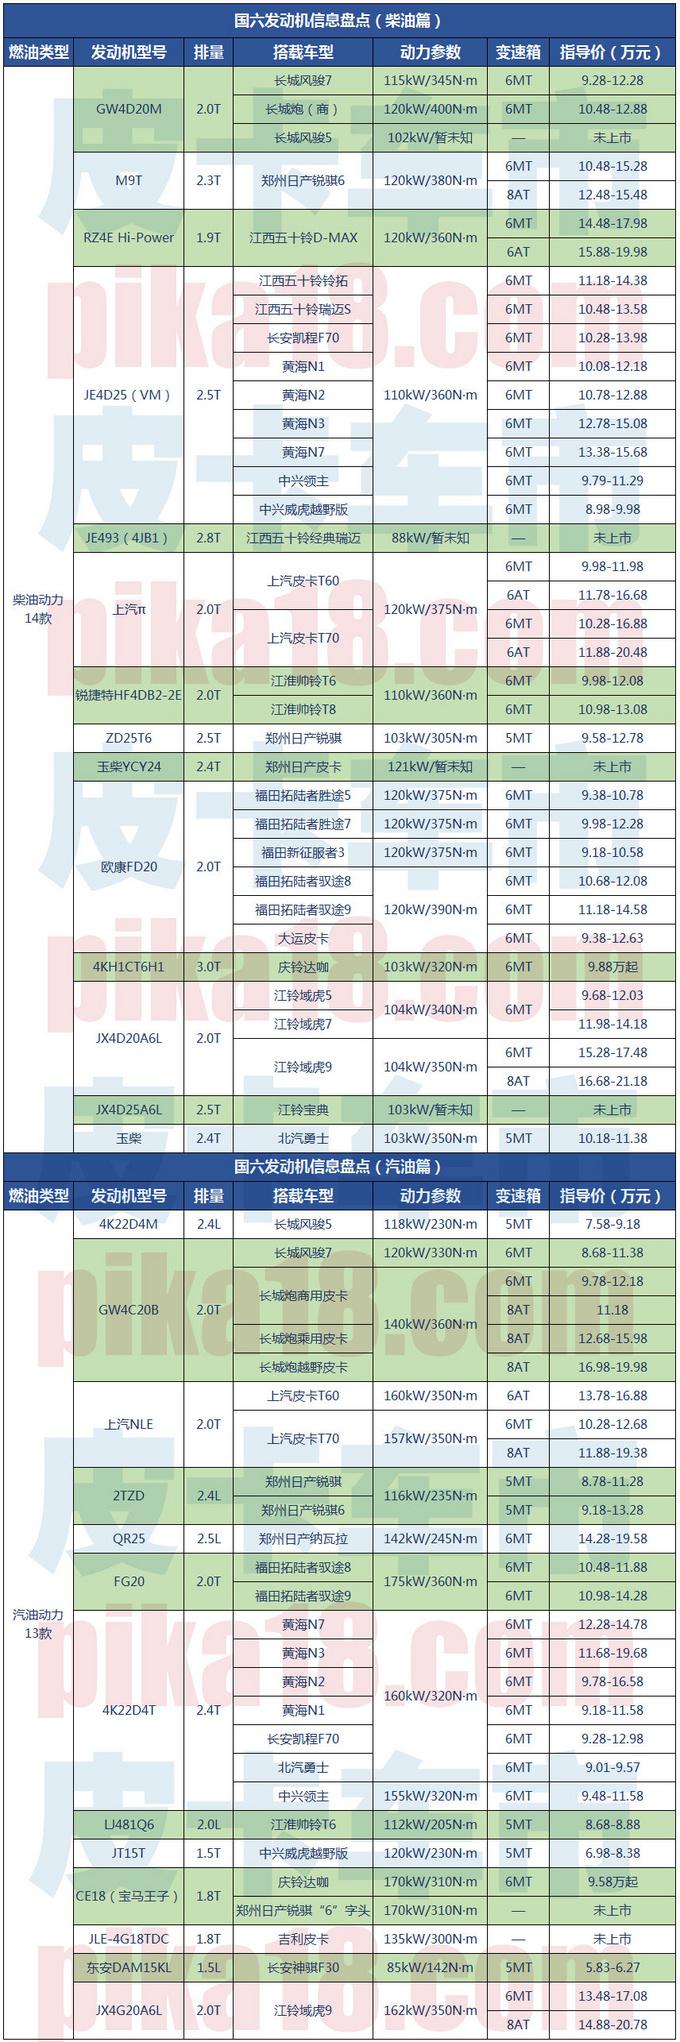 国六皮卡发动机盘点多达27款排量1.5T—2.8T-图1